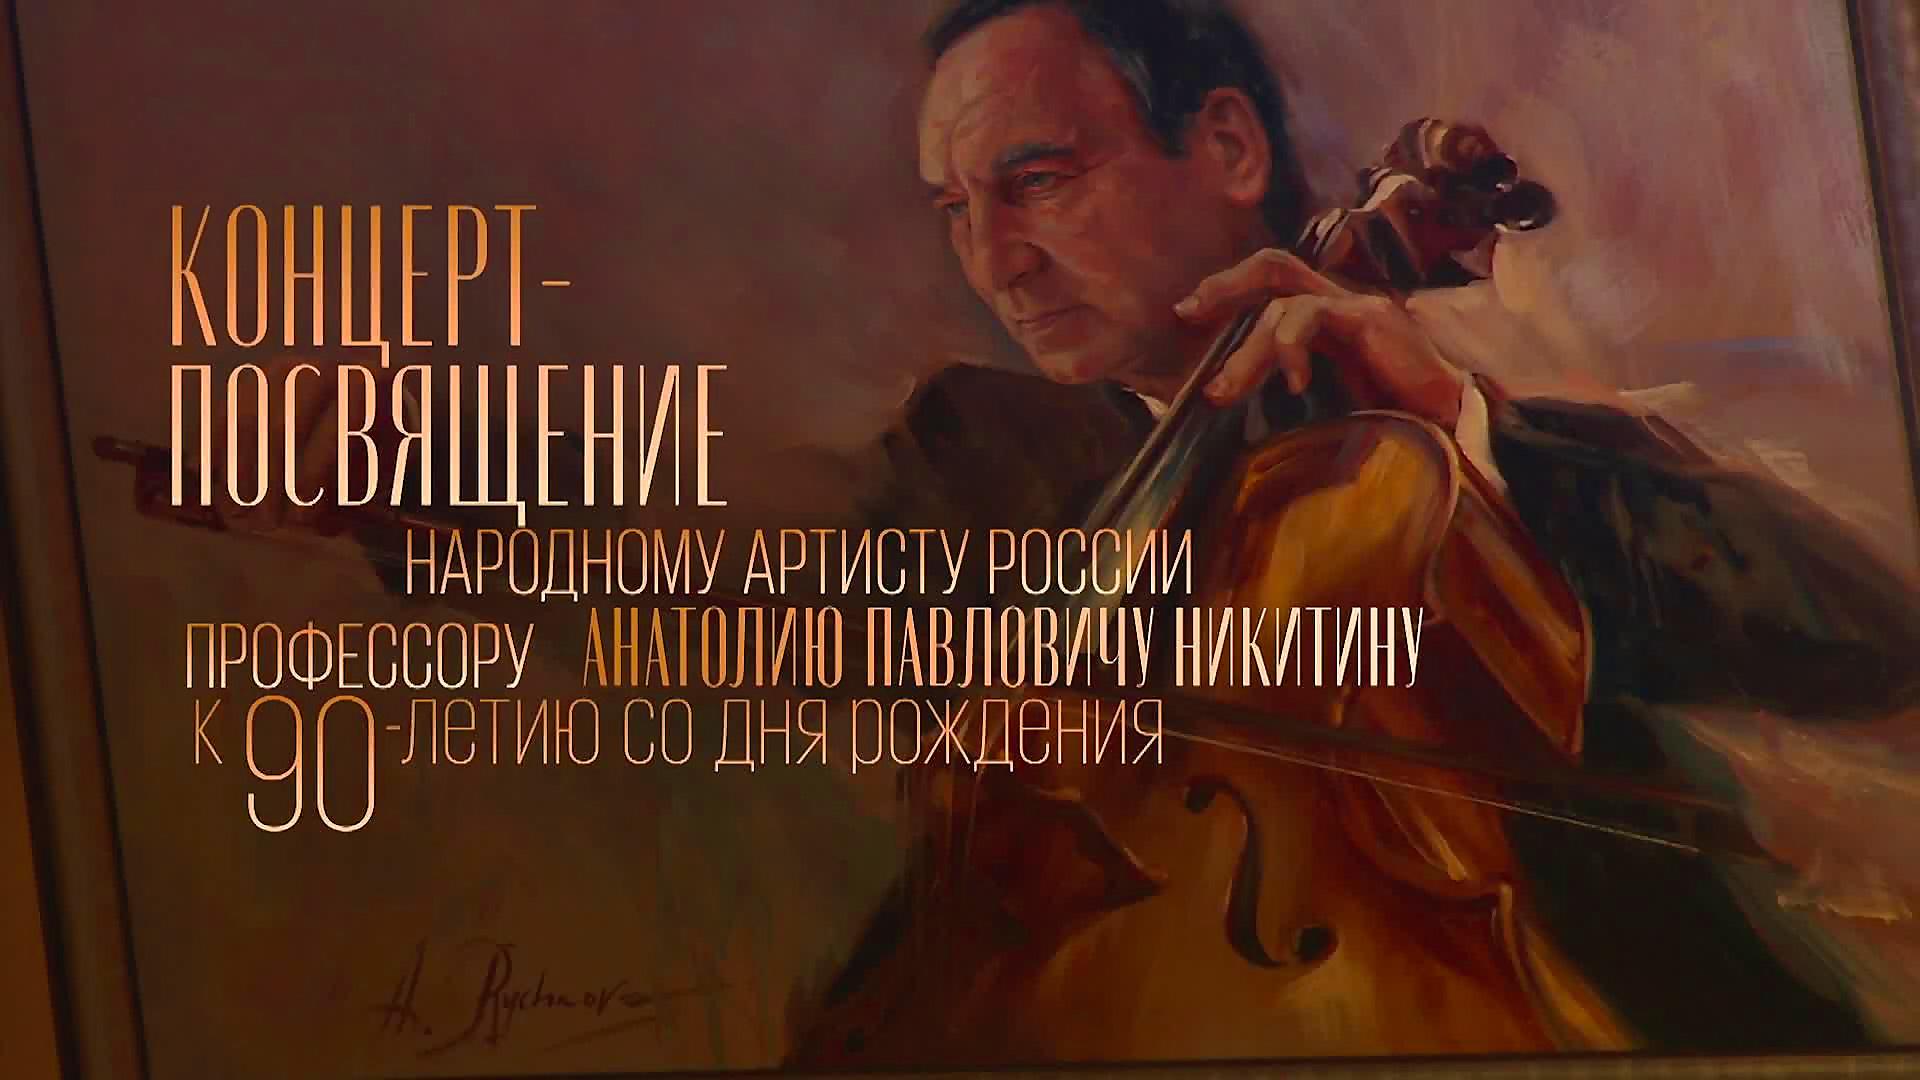 Концерт-посвящение народному артисту России Анатолию Никитину